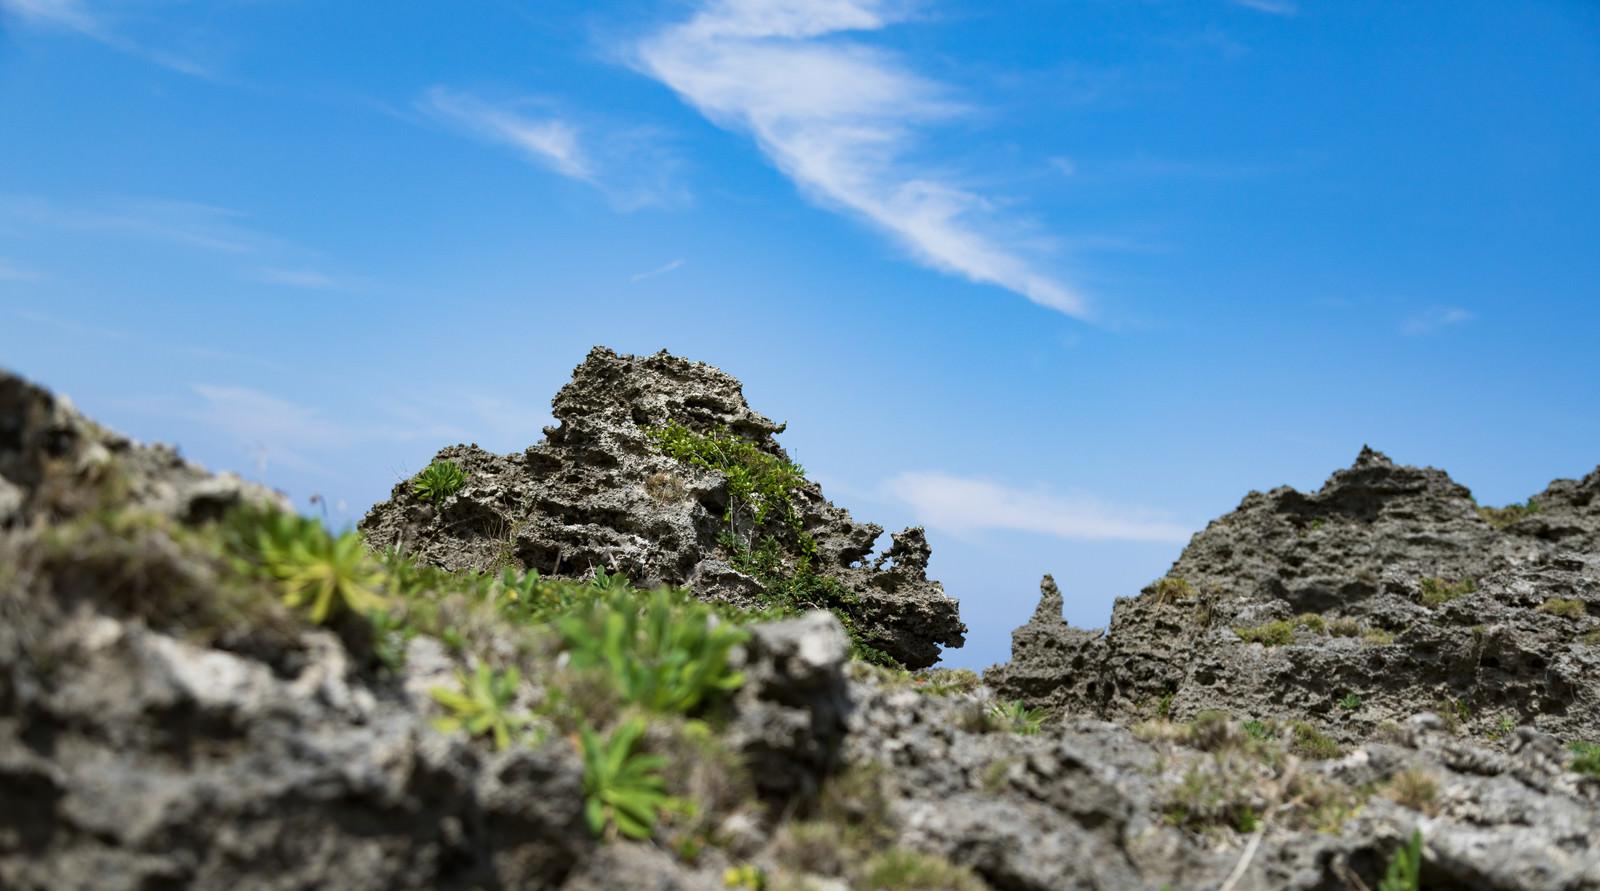 「ゴツゴツした岩場と青空」の写真